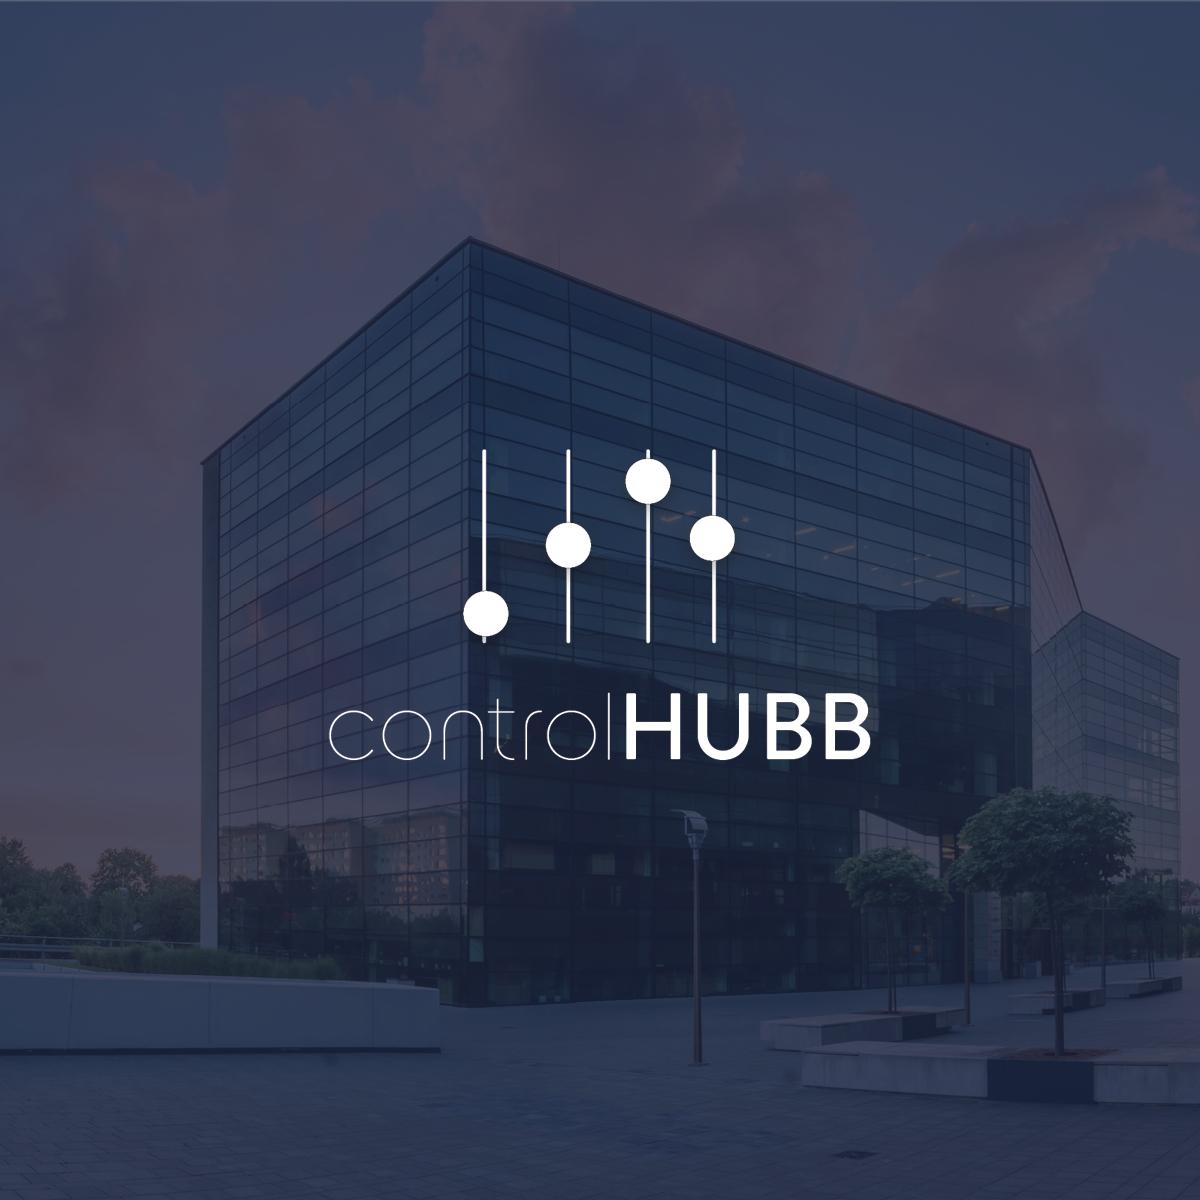 controlHUBB videos